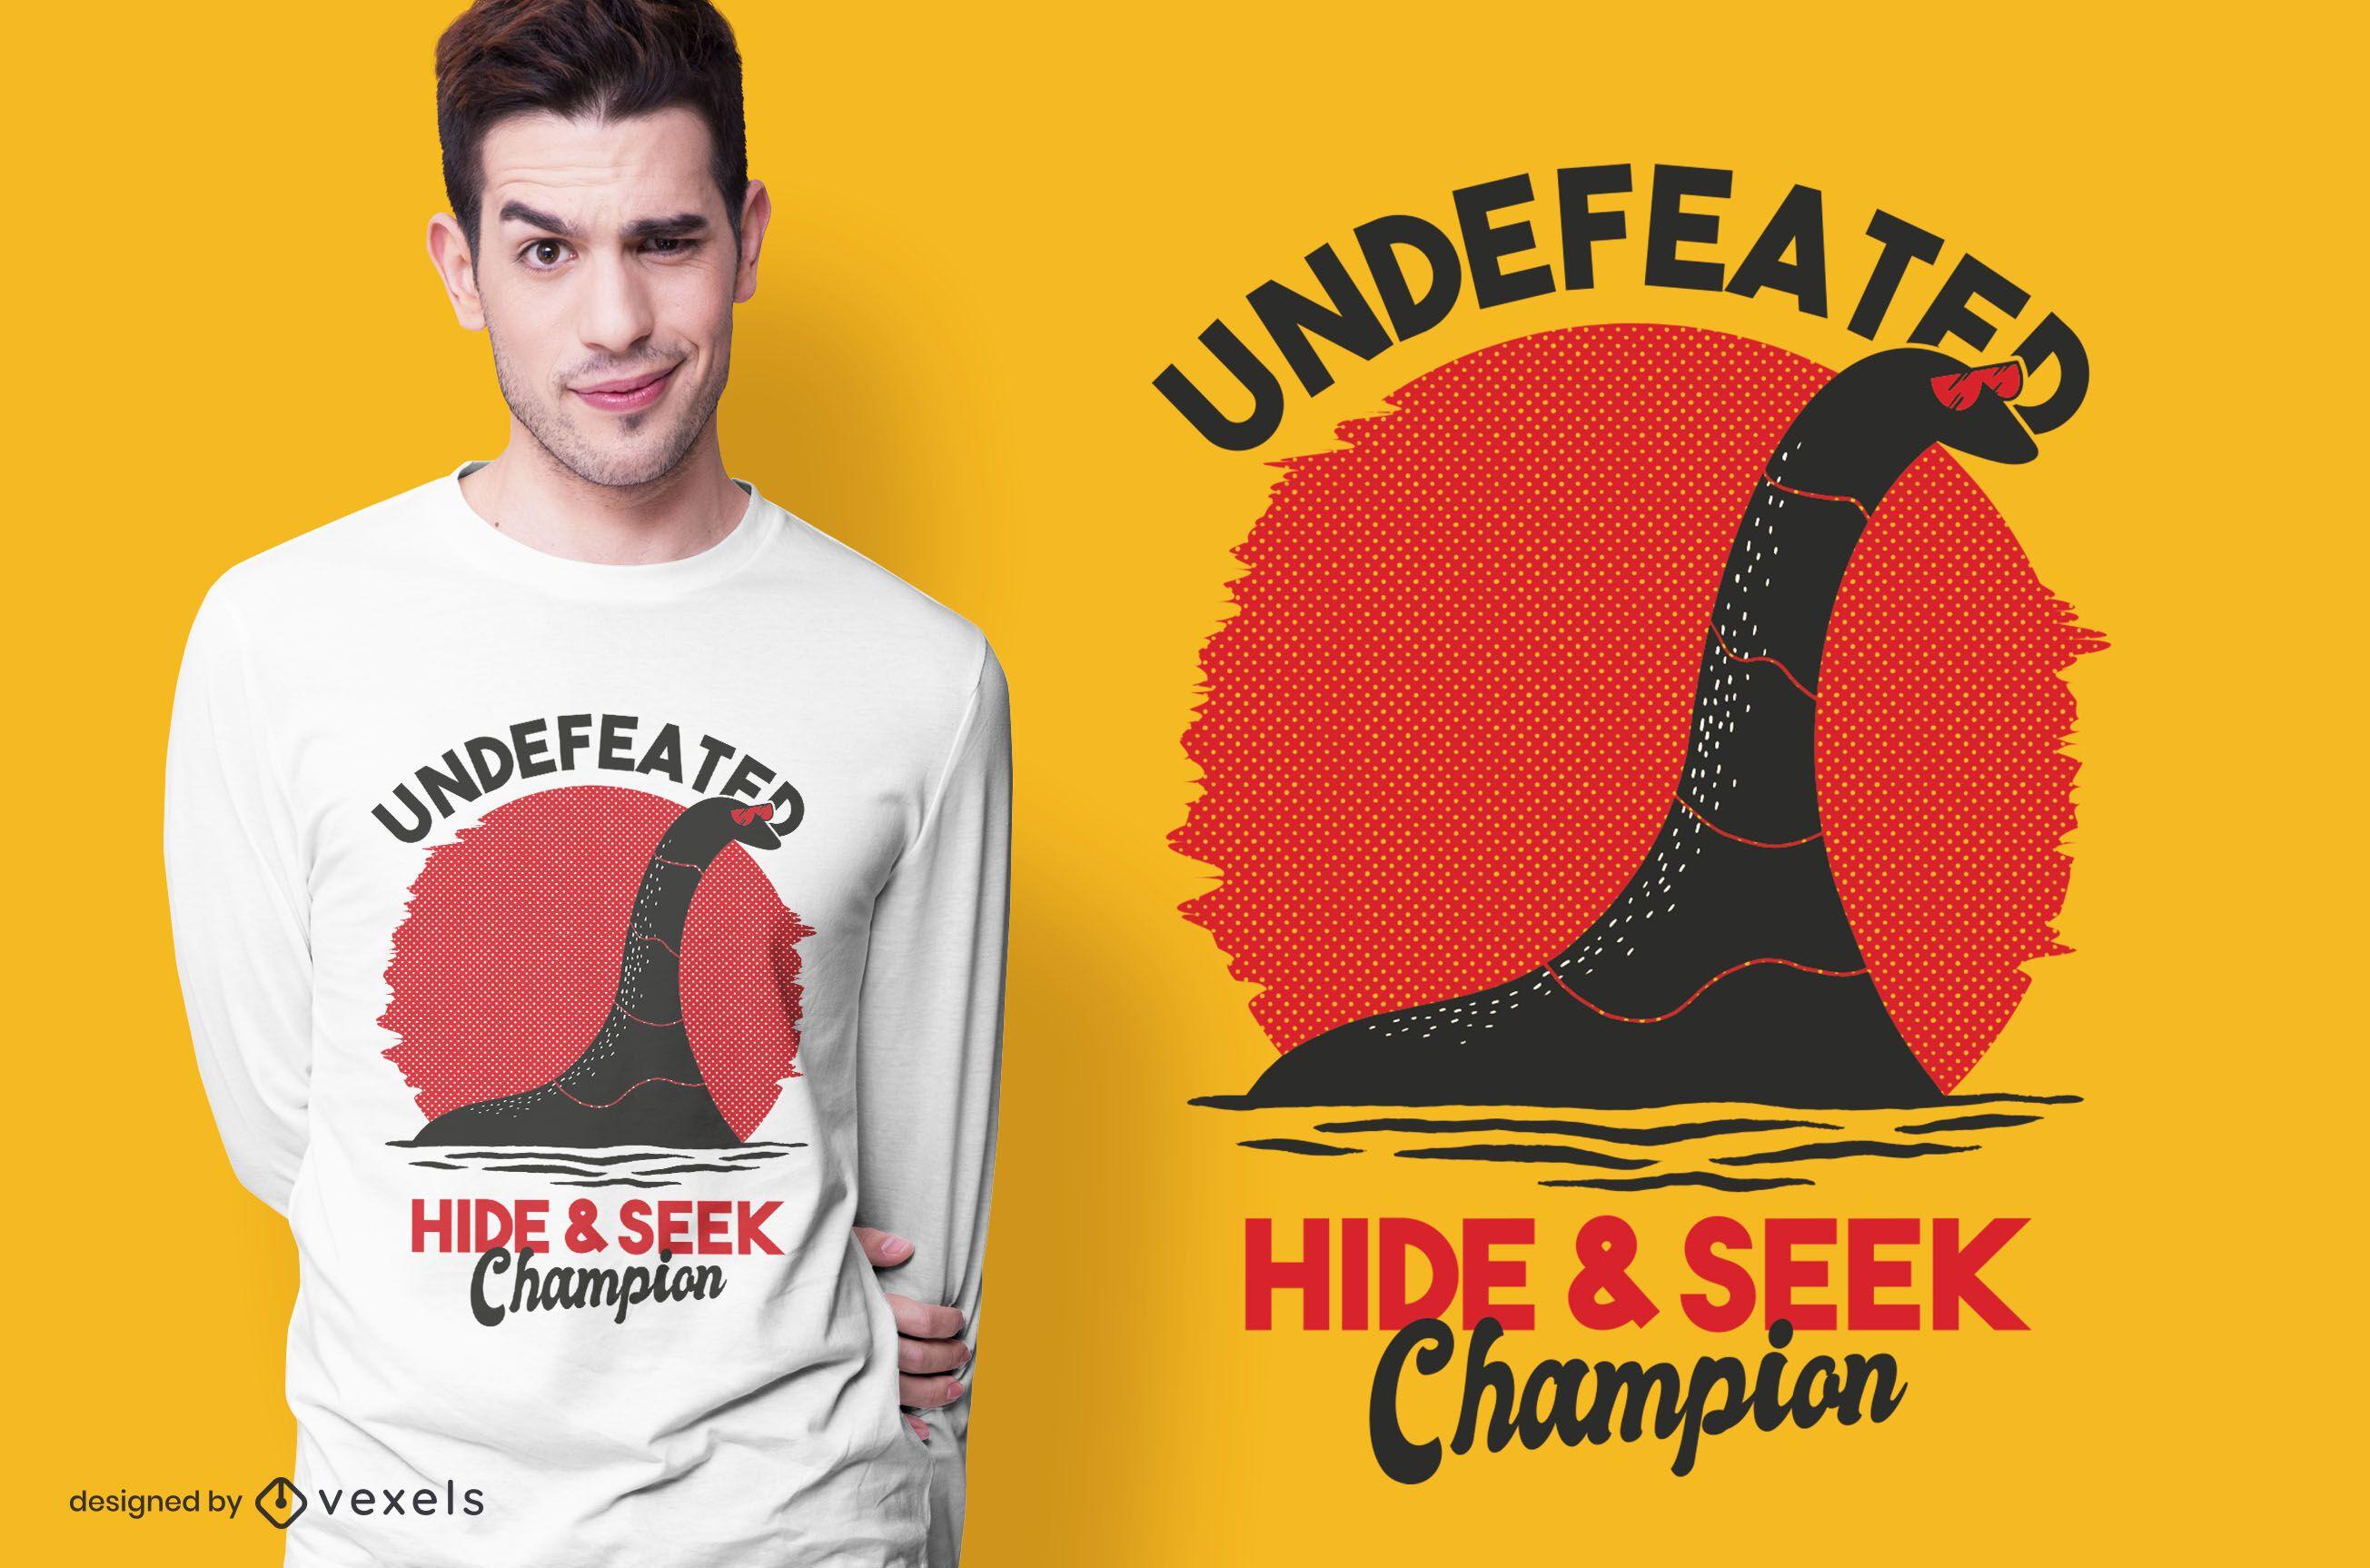 Hide & seek nessie t-shirt design